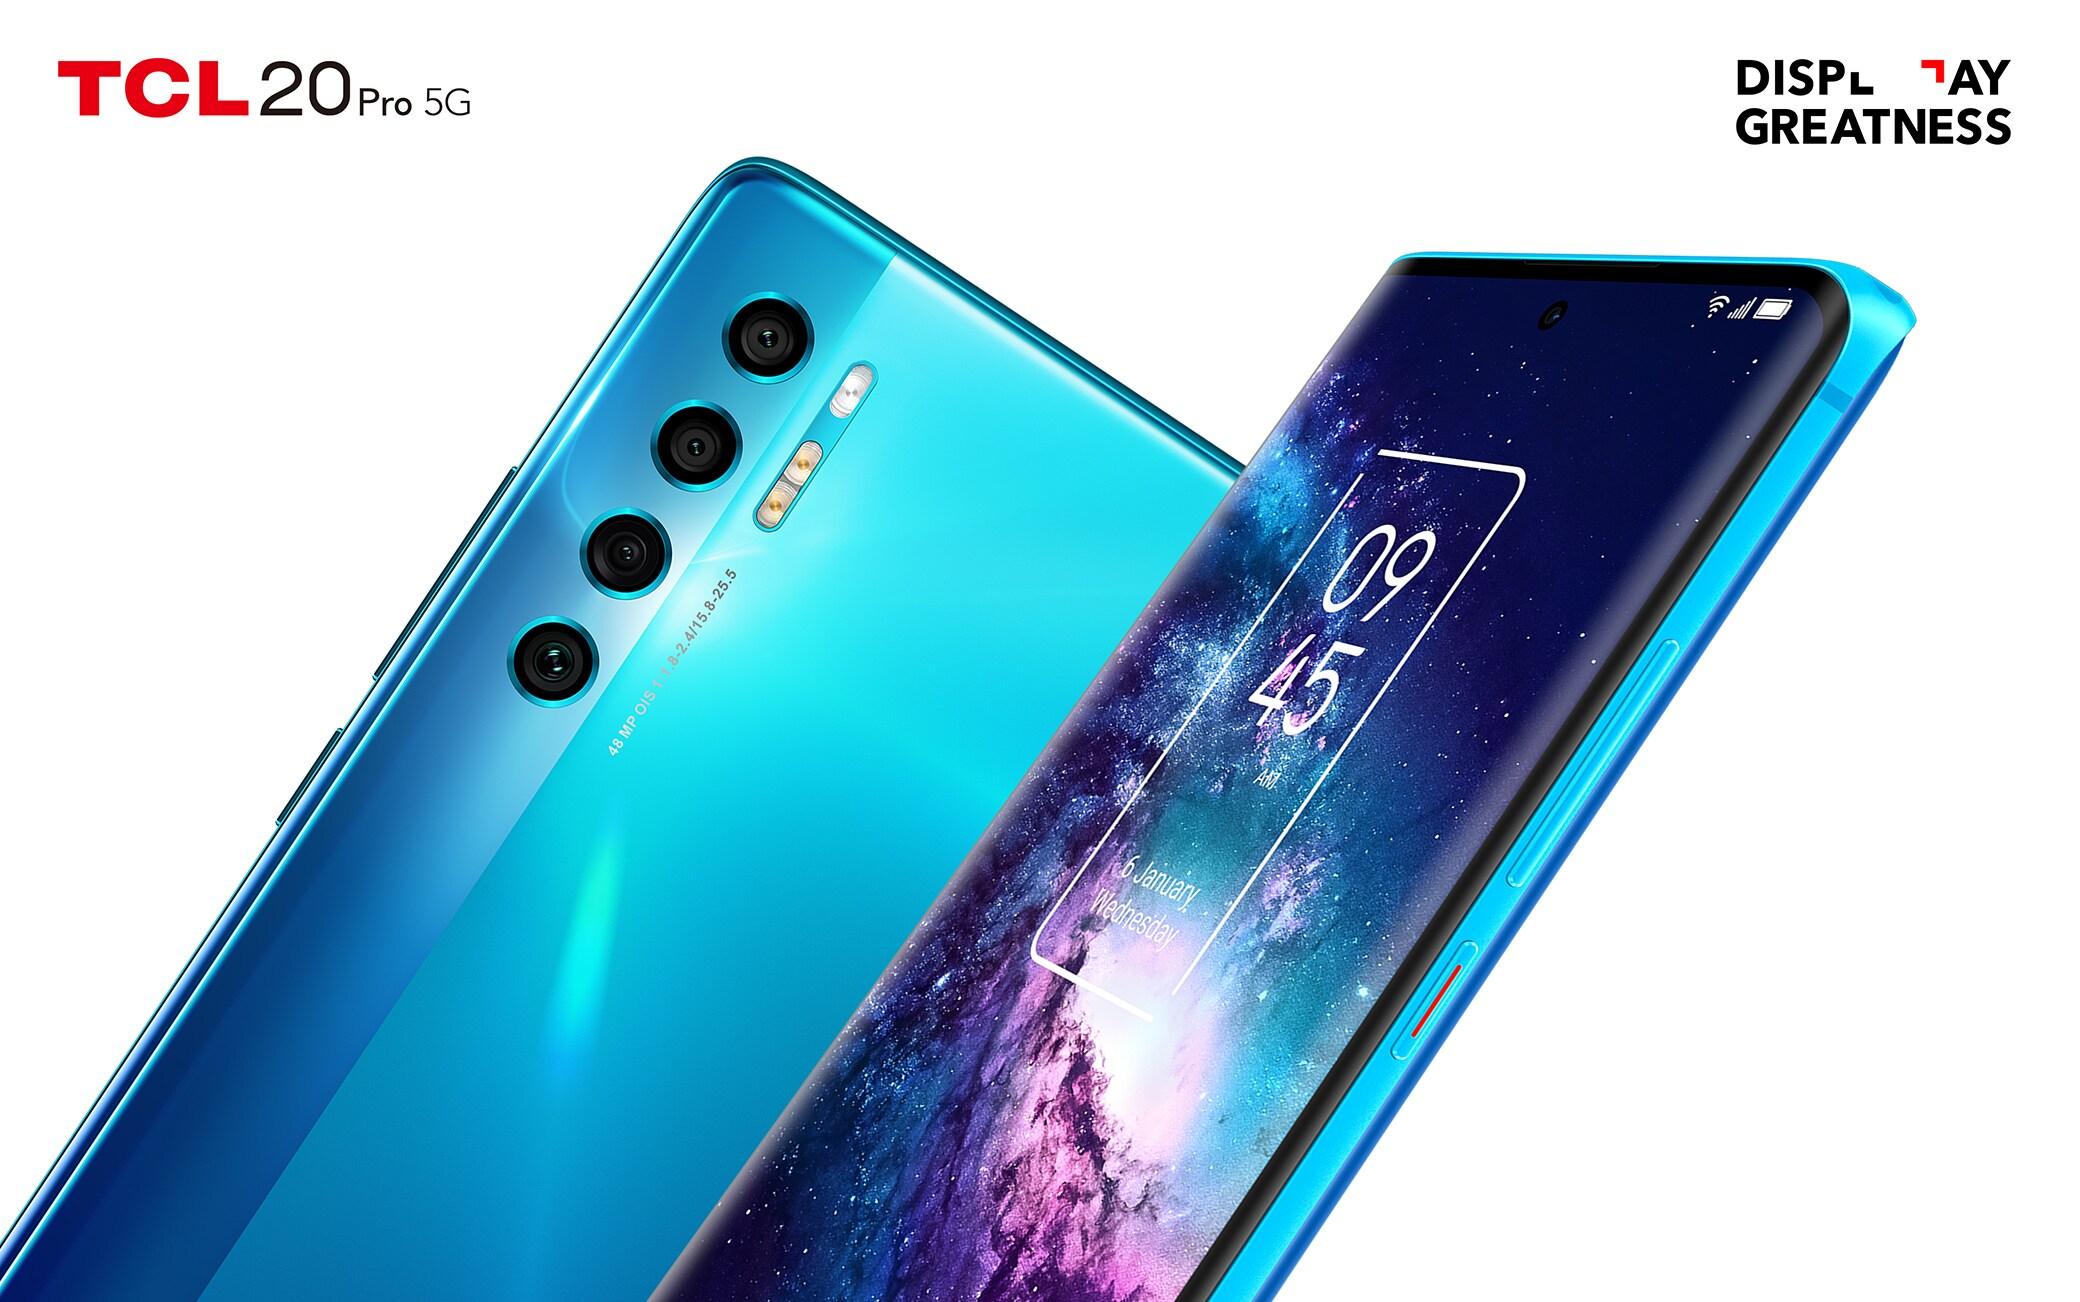 TCL 20 Pro 5G è lo smartphone di punta dell'azienda per il 2021